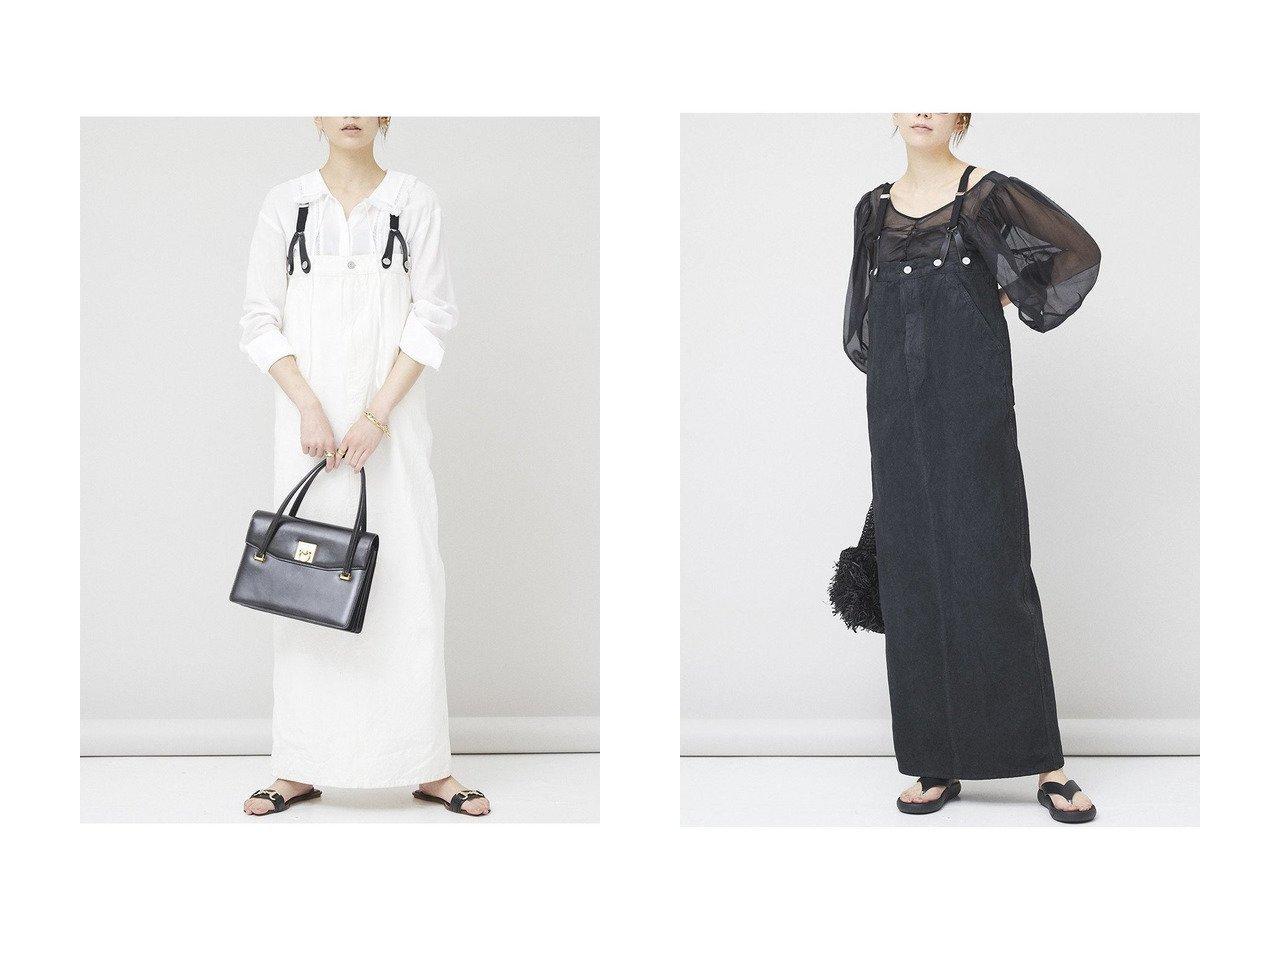 【Curensology/カレンソロジー】の【&RC】サスペンダーワンピース ワンピース・ドレスのおすすめ!人気、トレンド・レディースファッションの通販 おすすめで人気の流行・トレンド、ファッションの通販商品 メンズファッション・キッズファッション・インテリア・家具・レディースファッション・服の通販 founy(ファニー) https://founy.com/ ファッション Fashion レディースファッション WOMEN ワンピース Dress 2020年 2020 2020-2021 秋冬 A/W AW Autumn/Winter / FW Fall-Winter 2020-2021 2021年 2021 2021 春夏 S/S SS Spring/Summer 2021 サスペンダー スリット フィット ポケット レース ロング ヴィンテージ 春 Spring A/W 秋冬 AW Autumn/Winter / FW Fall-Winter  ID:crp329100000011927